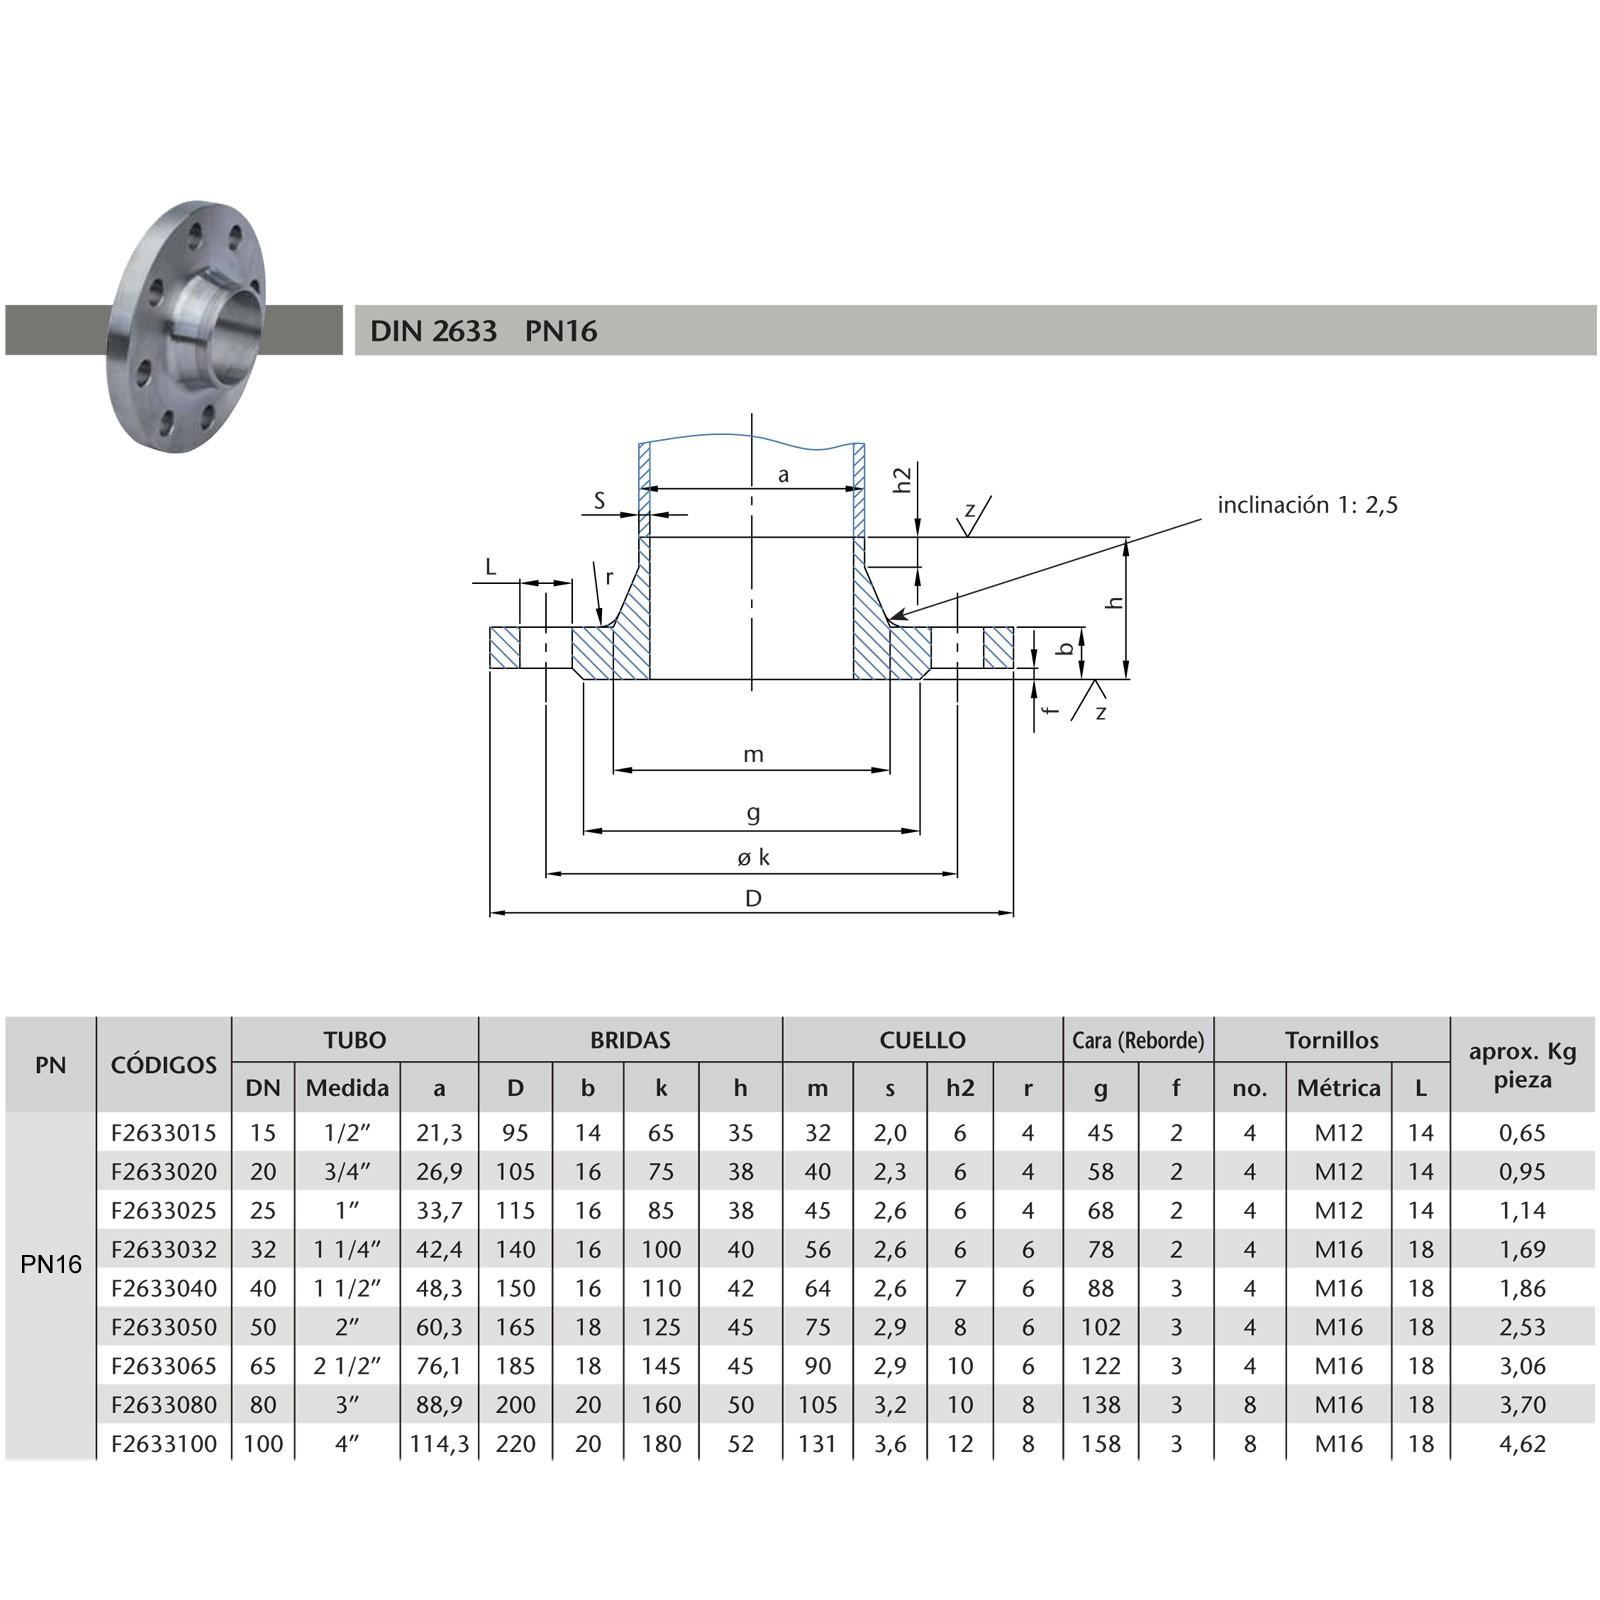 Stabilo-Sanitaer Stahl Vorschweißflansch Anschweißflansch Rohrflansch Schweissflansch 1/2 Zoll 95 x 14 mm DN 15 DIN 2633 PN 16 schwarz Schweissfitting